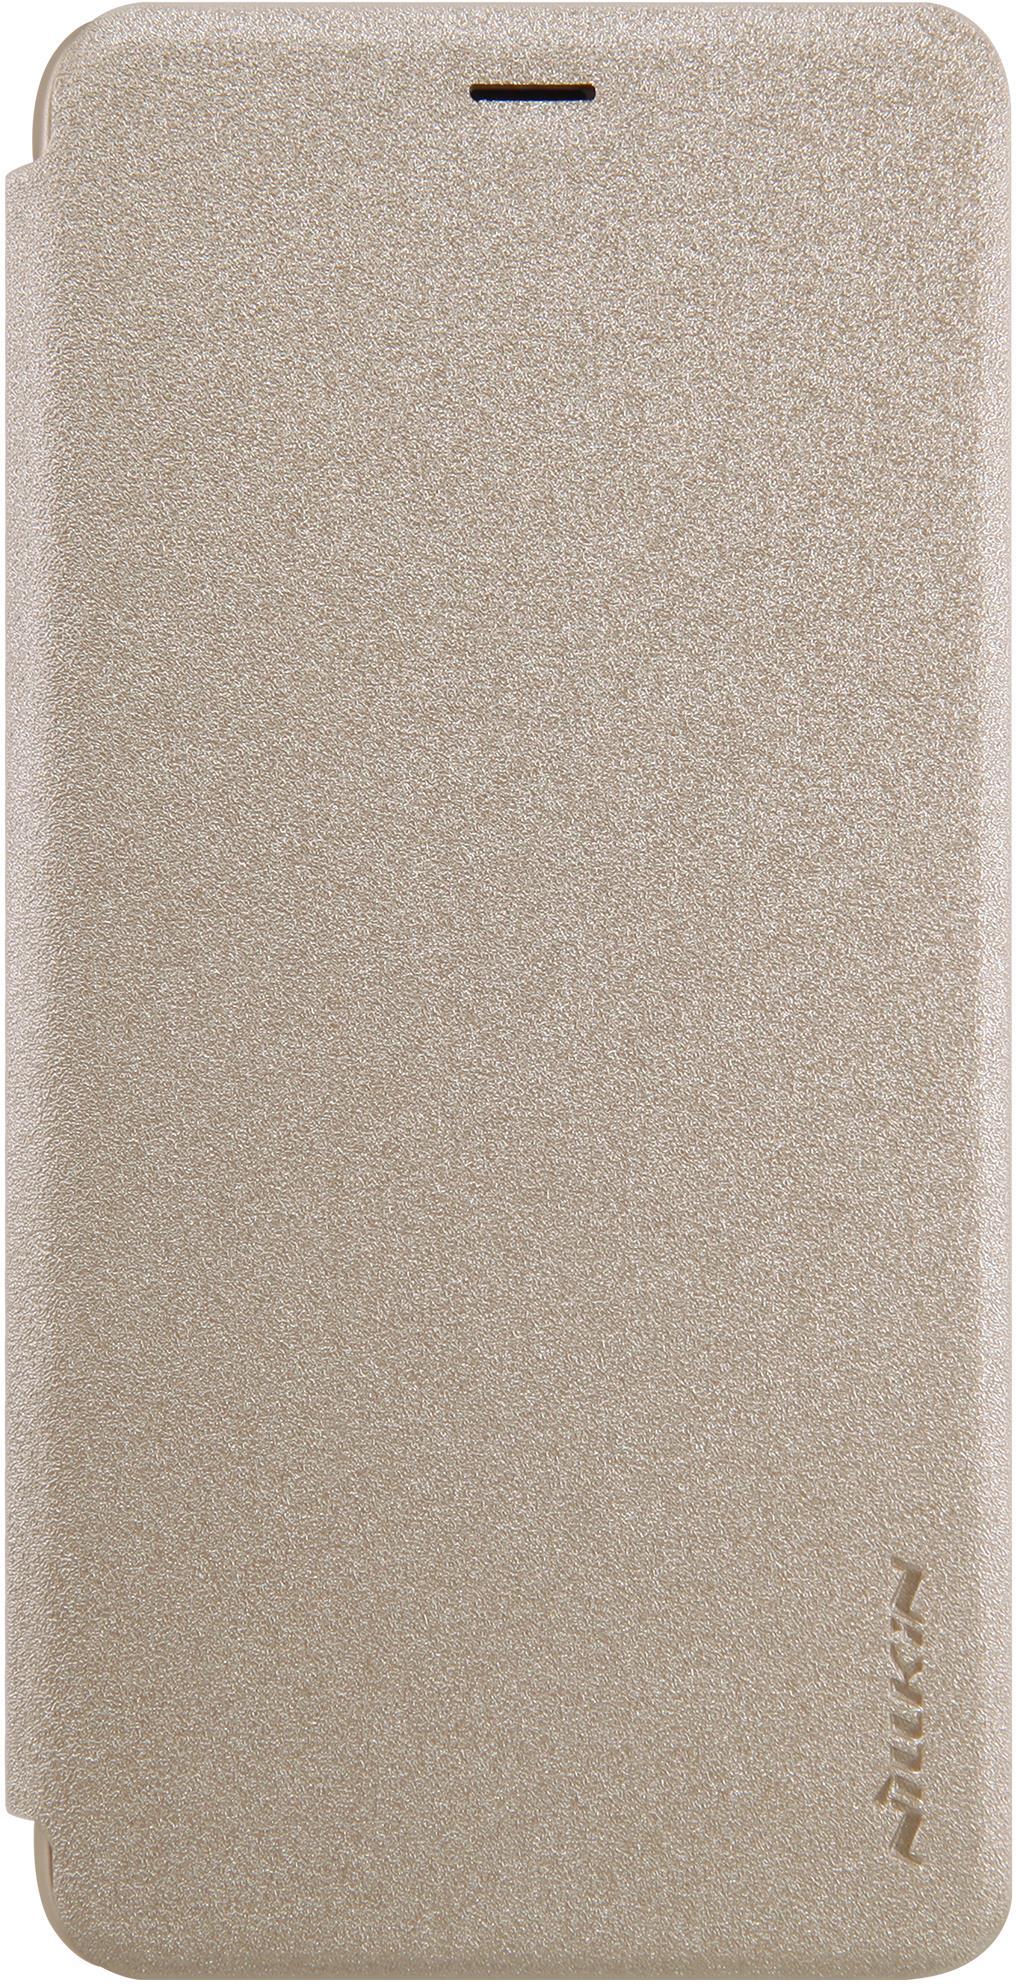 Чехол для сотового телефона Nillkin T-N-MM3S-009, золотой чехол для сотового телефона nillkin sparkle 6902048161108 золотой